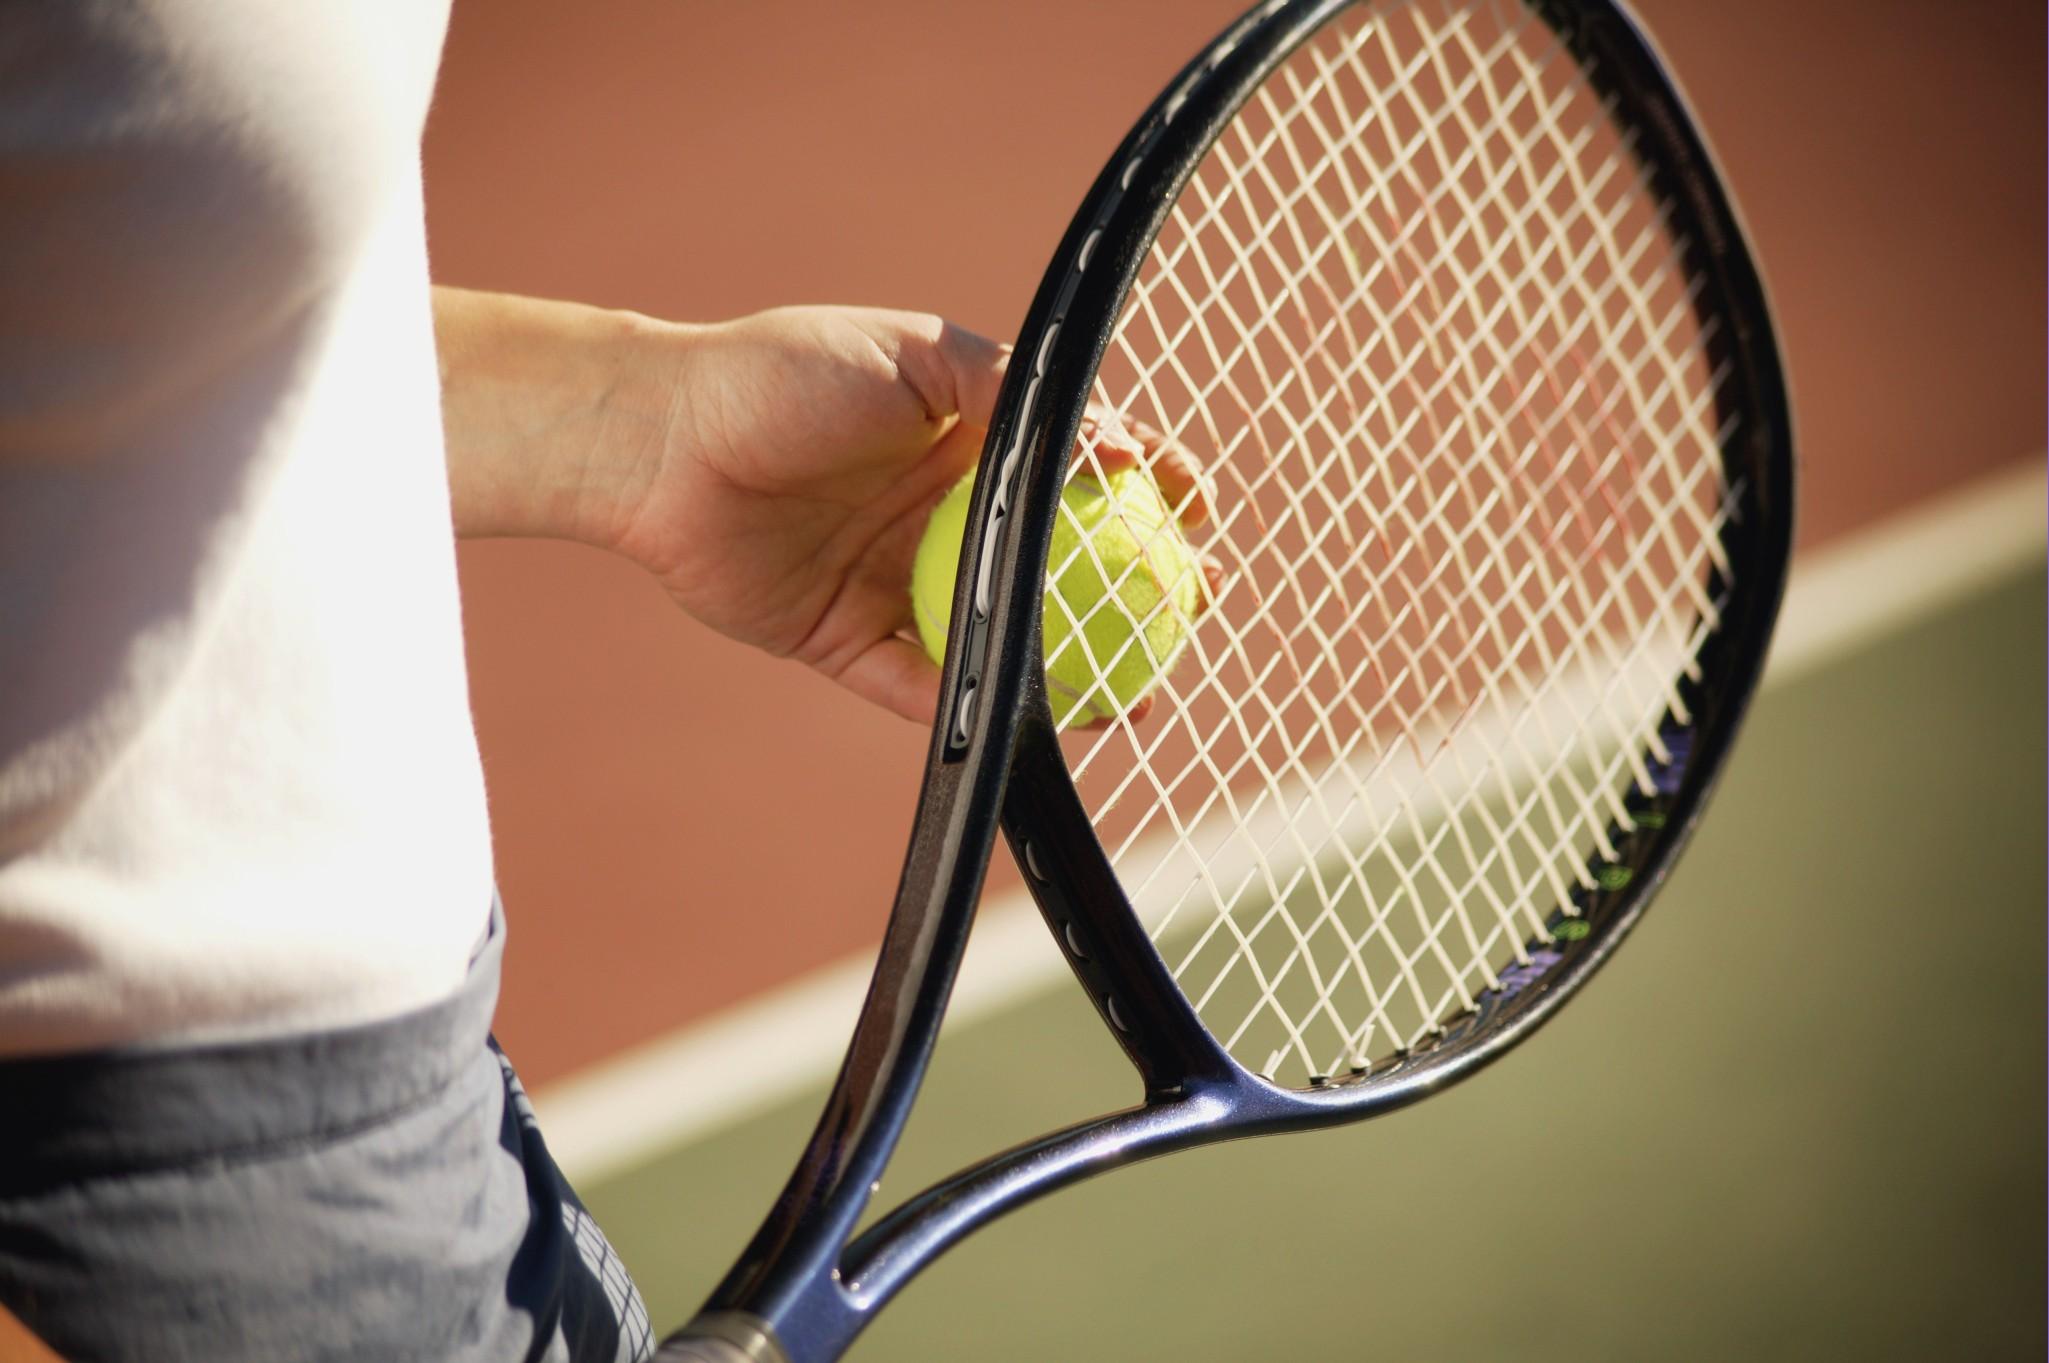 324562_med Woman holding racket (2).jpg